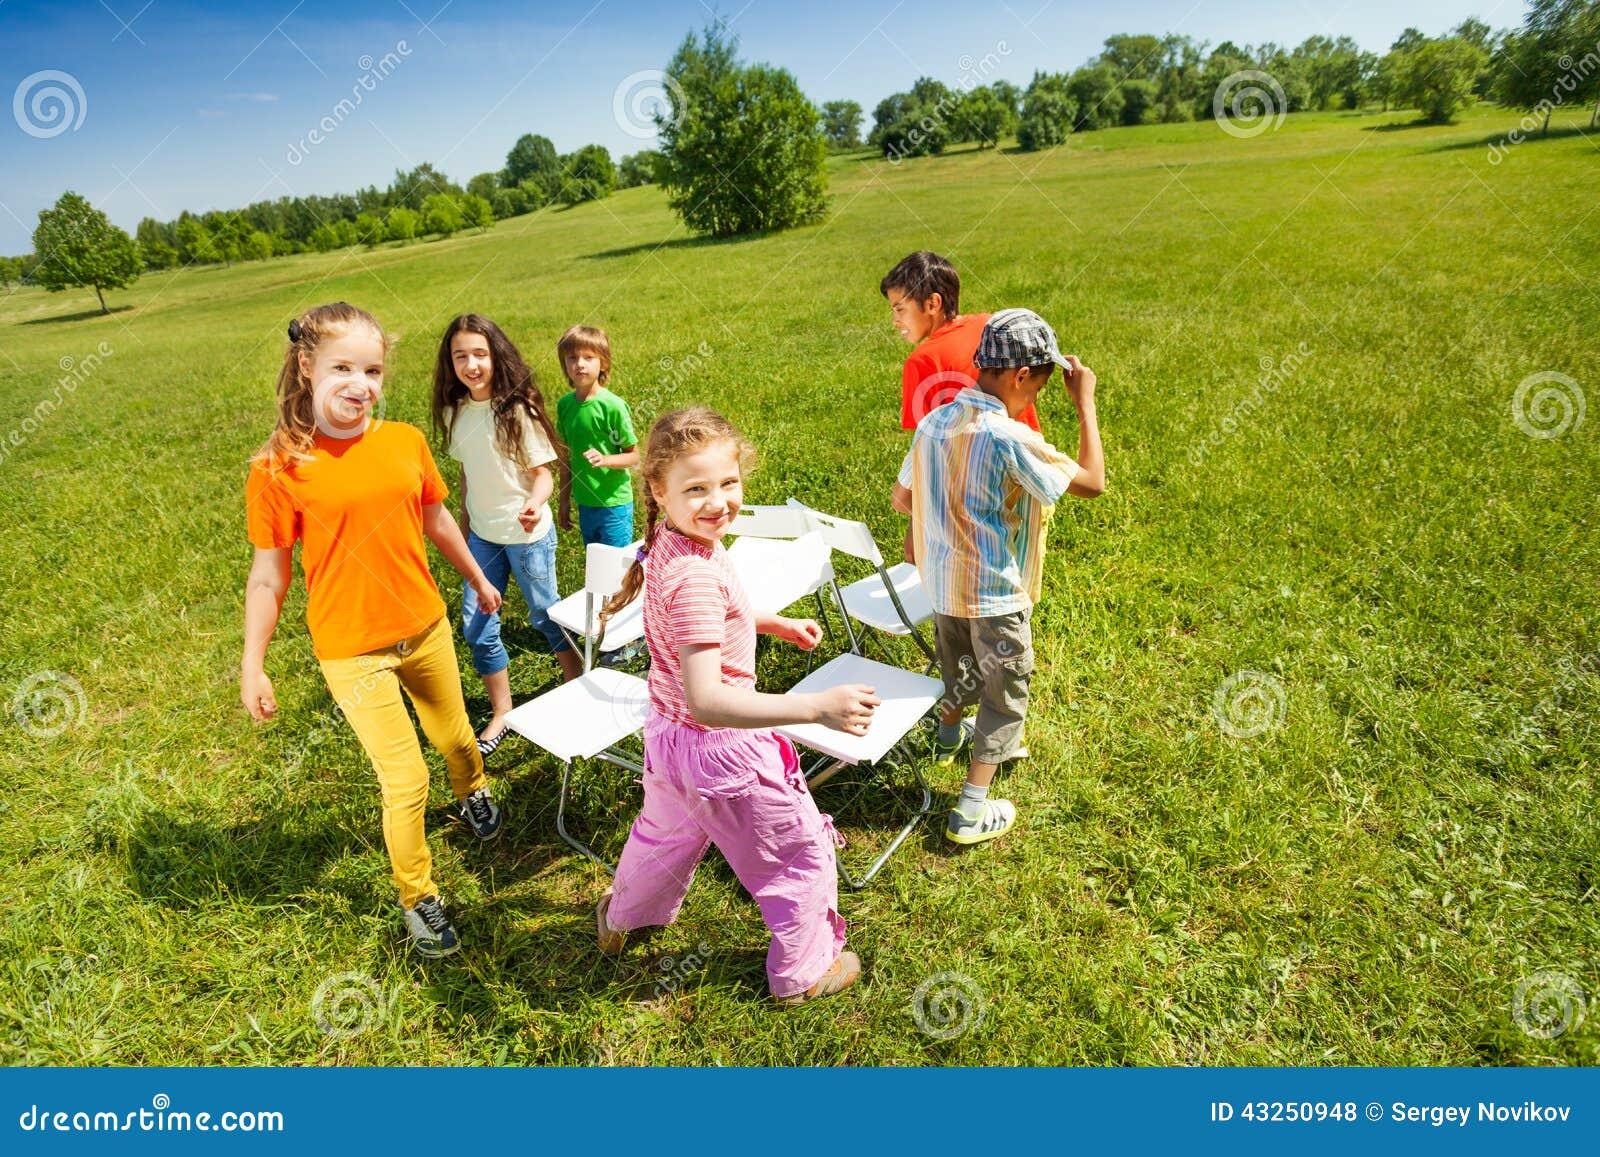 Los ni os circundan jugando sillas musicales afuera foto for Sillas para jugar ps4